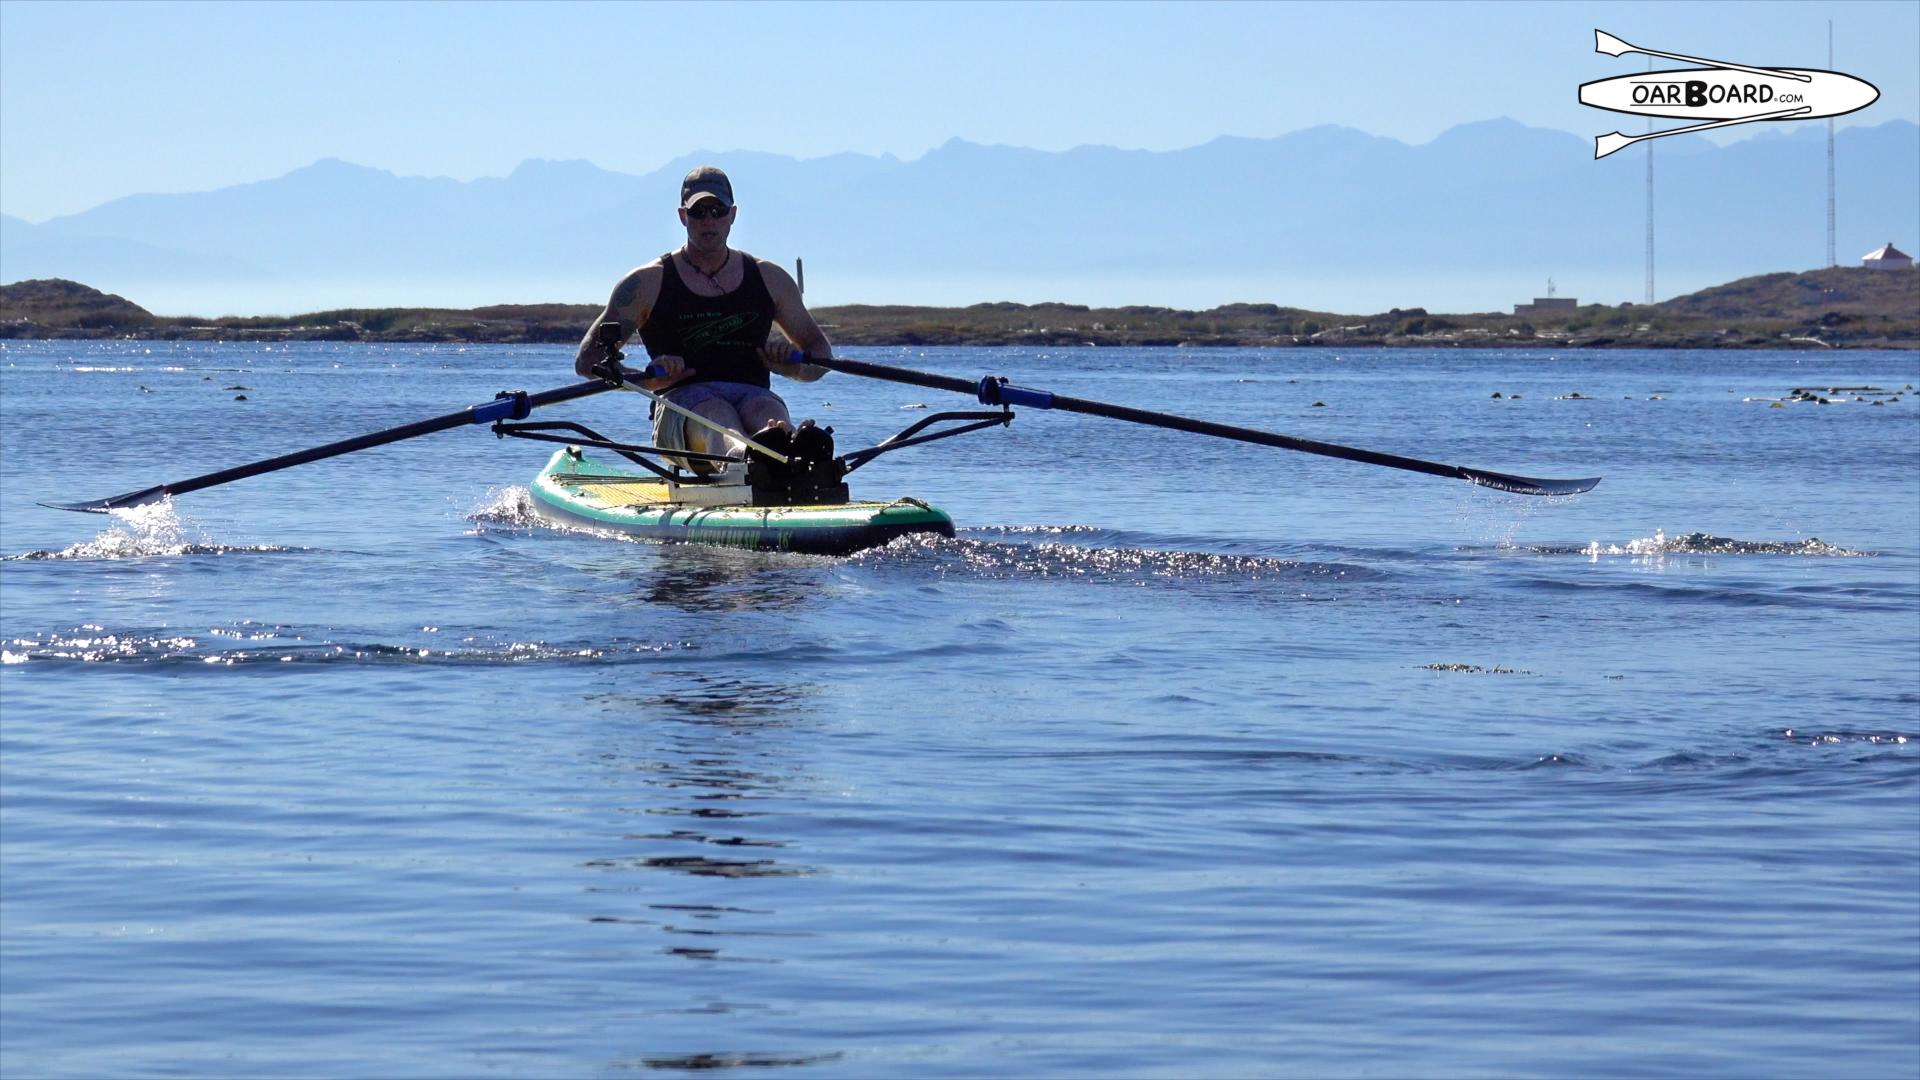 Adam-Kreek-Olympic-Rower-Oar-Board-Rowing-Ocean-All-Water